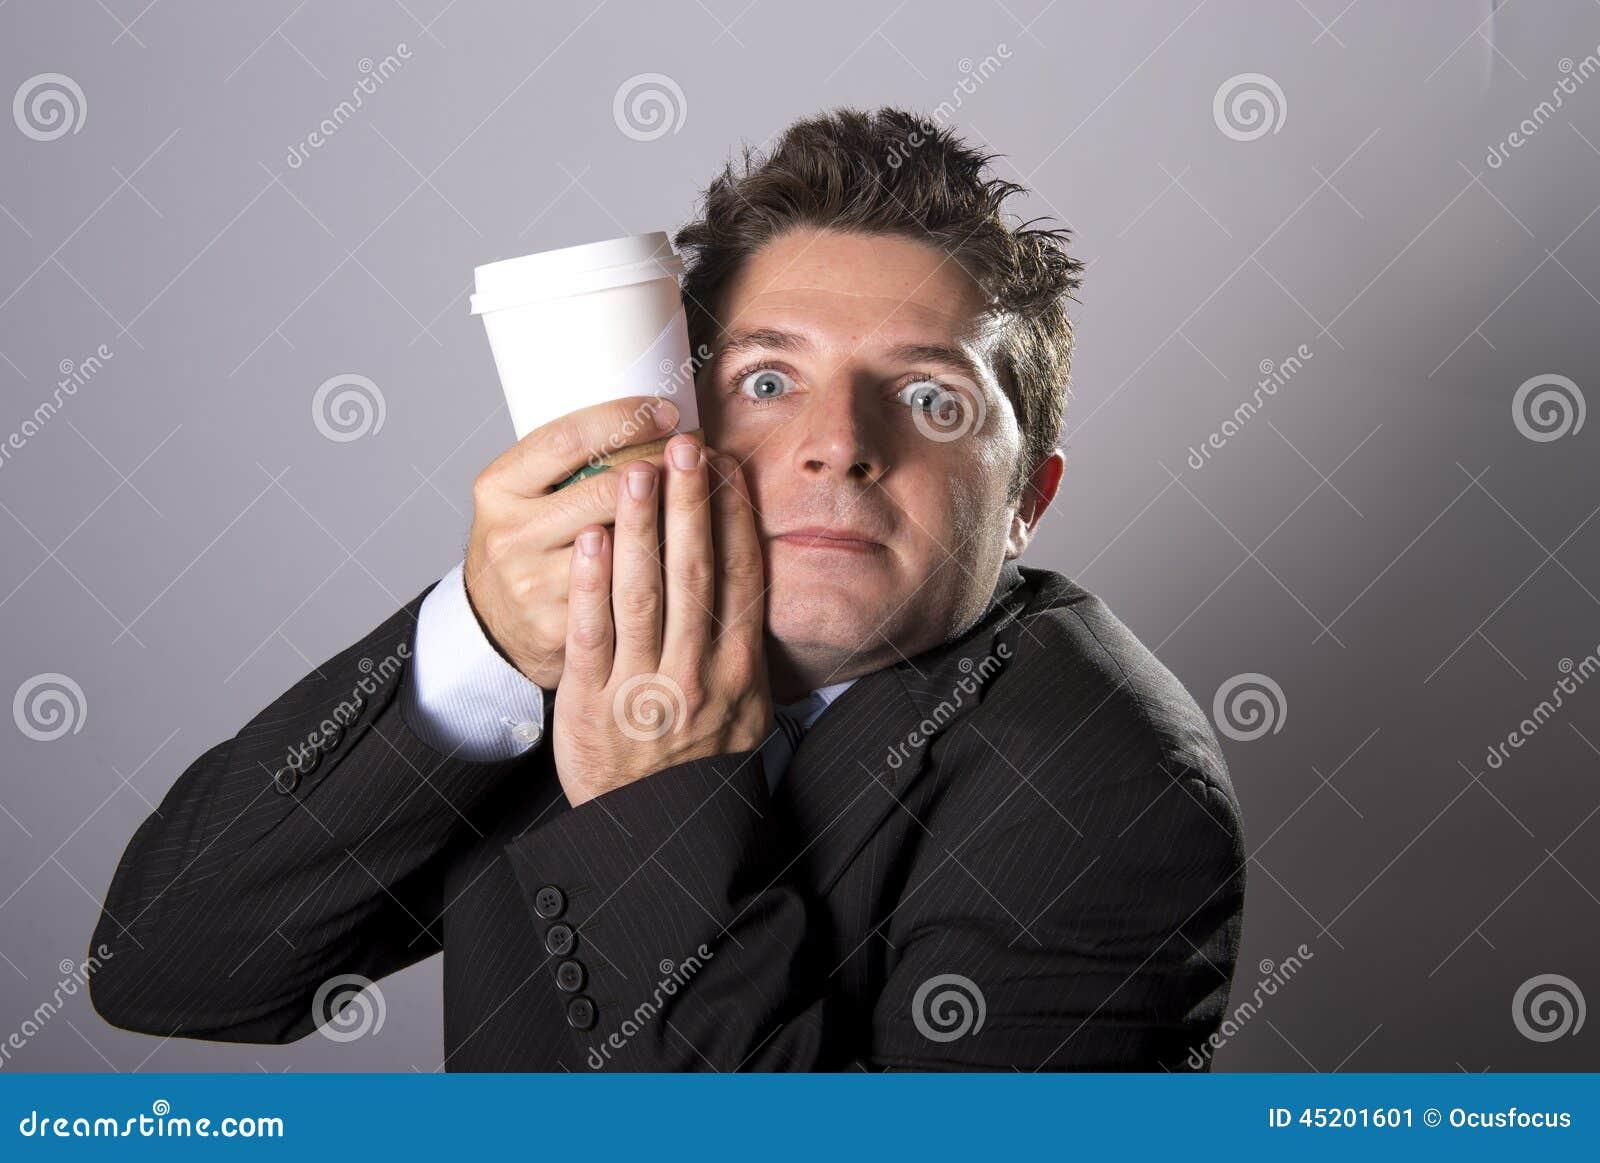 疯狂上瘾者商人藏品拿走在咖啡因瘾的咖啡